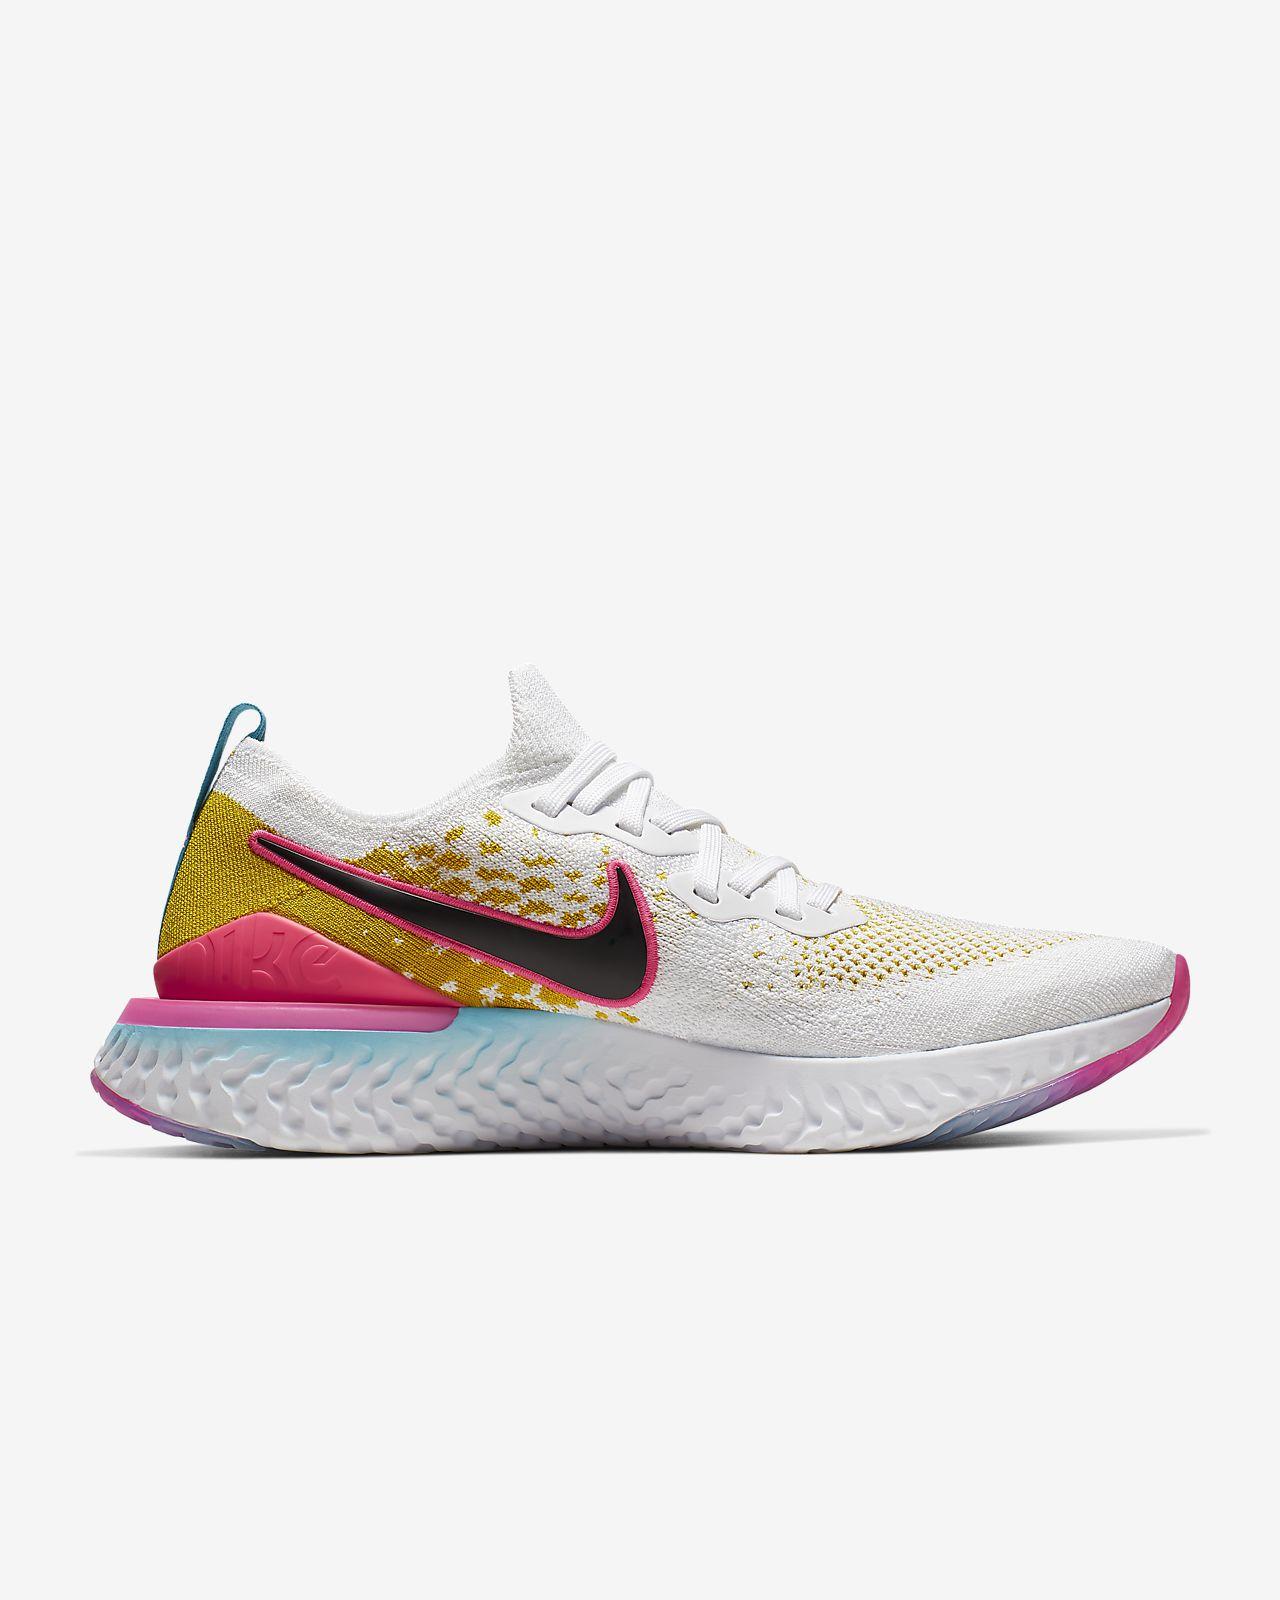 reputable site e778a e1132 ... Nike Epic React Flyknit 2 Men s Running Shoe